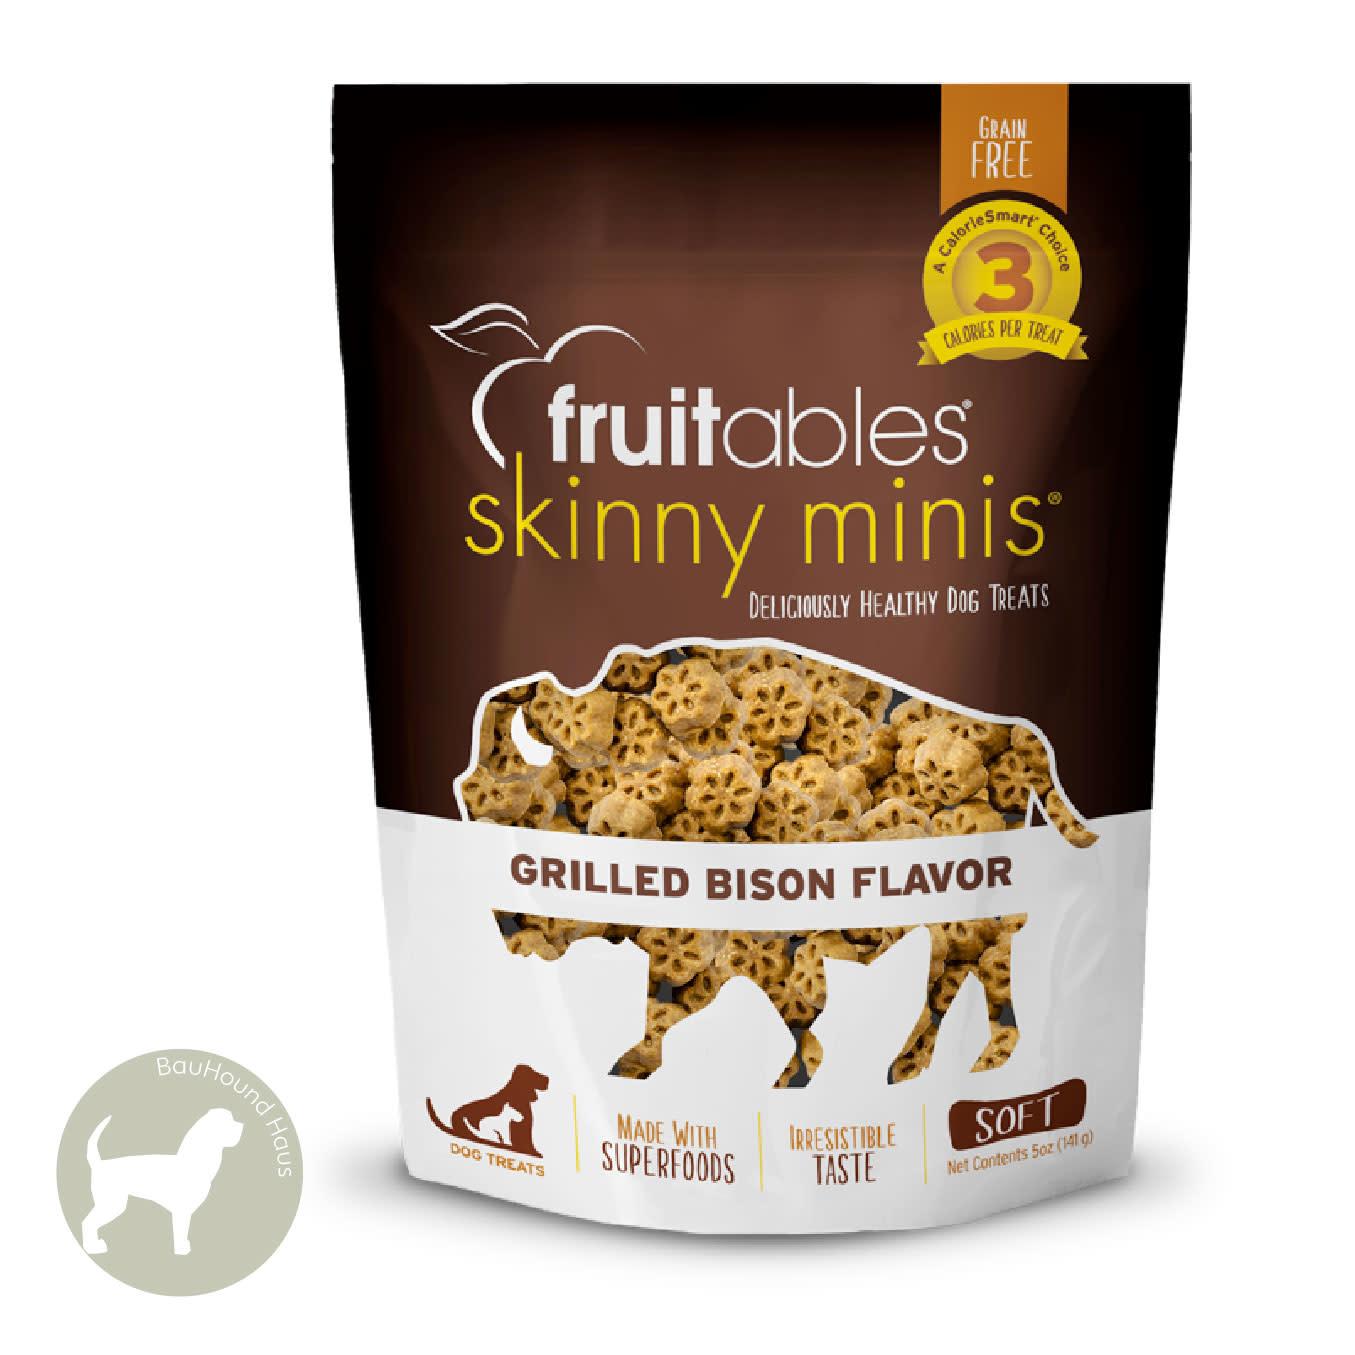 Fruitables Fruitables Skinny Mini's Grilled Bison, 5oz